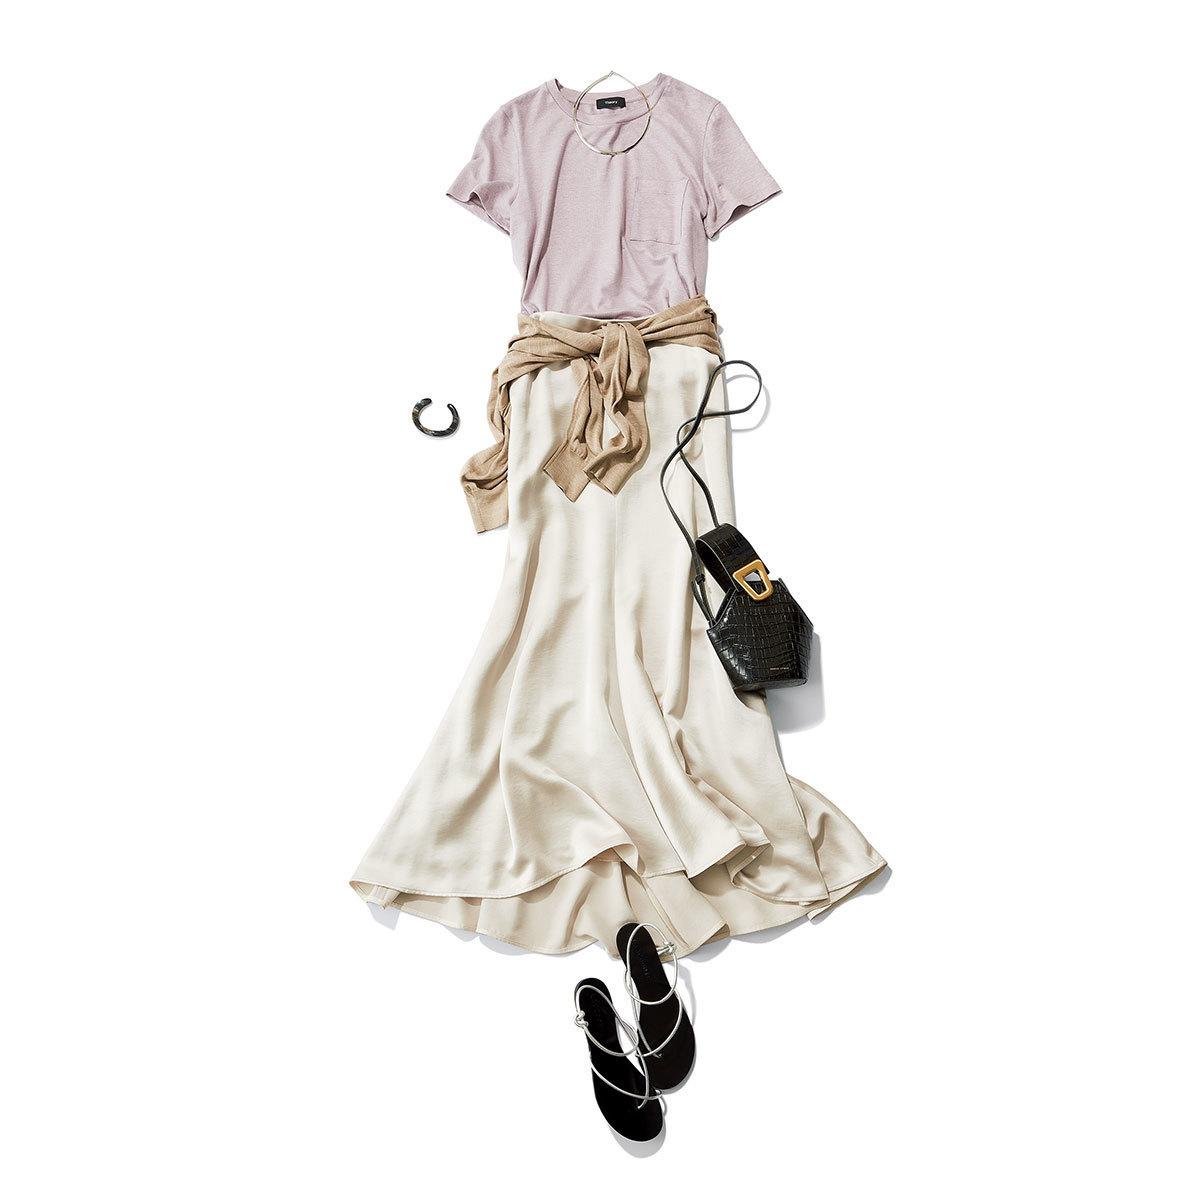 ラベンダーTシャツとベージュロングスカートのコーデ